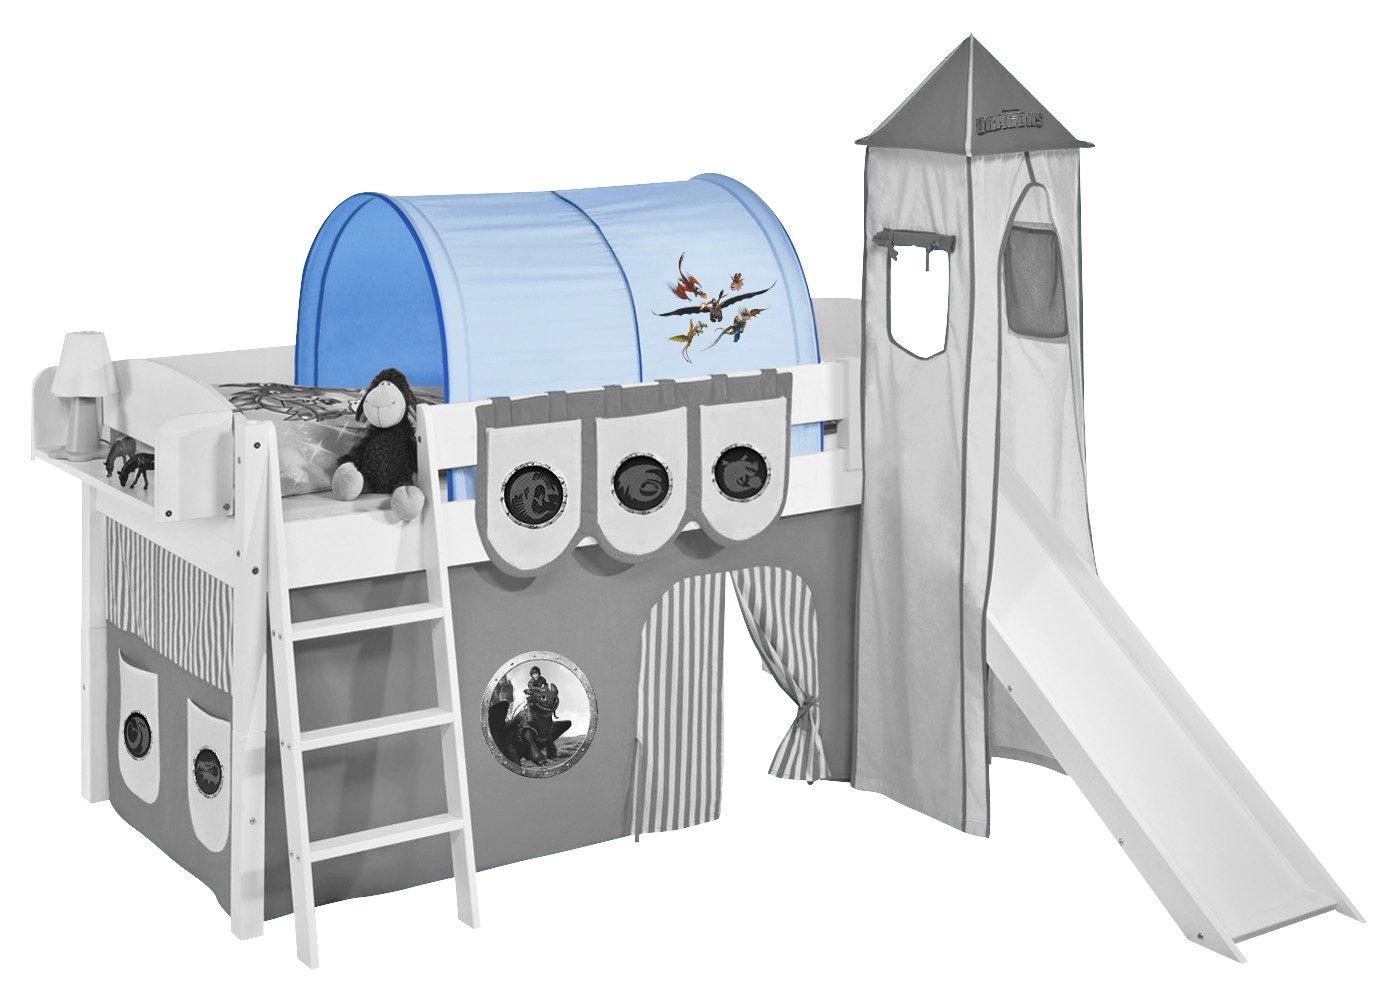 Lilokids Tunnel Dragons Blau - für für für Hochbett, Spielbett und Etagenbett 0d2a60